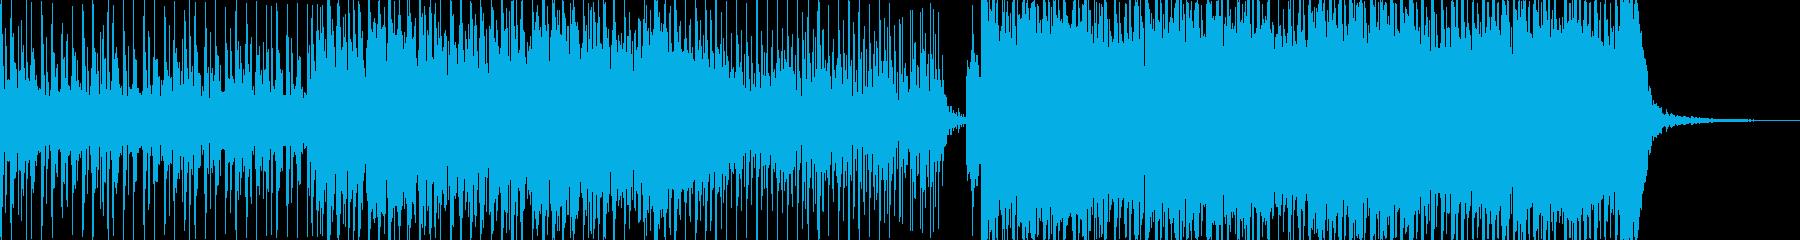 ロック、ポップ、デジタル、ヴォーカルの再生済みの波形